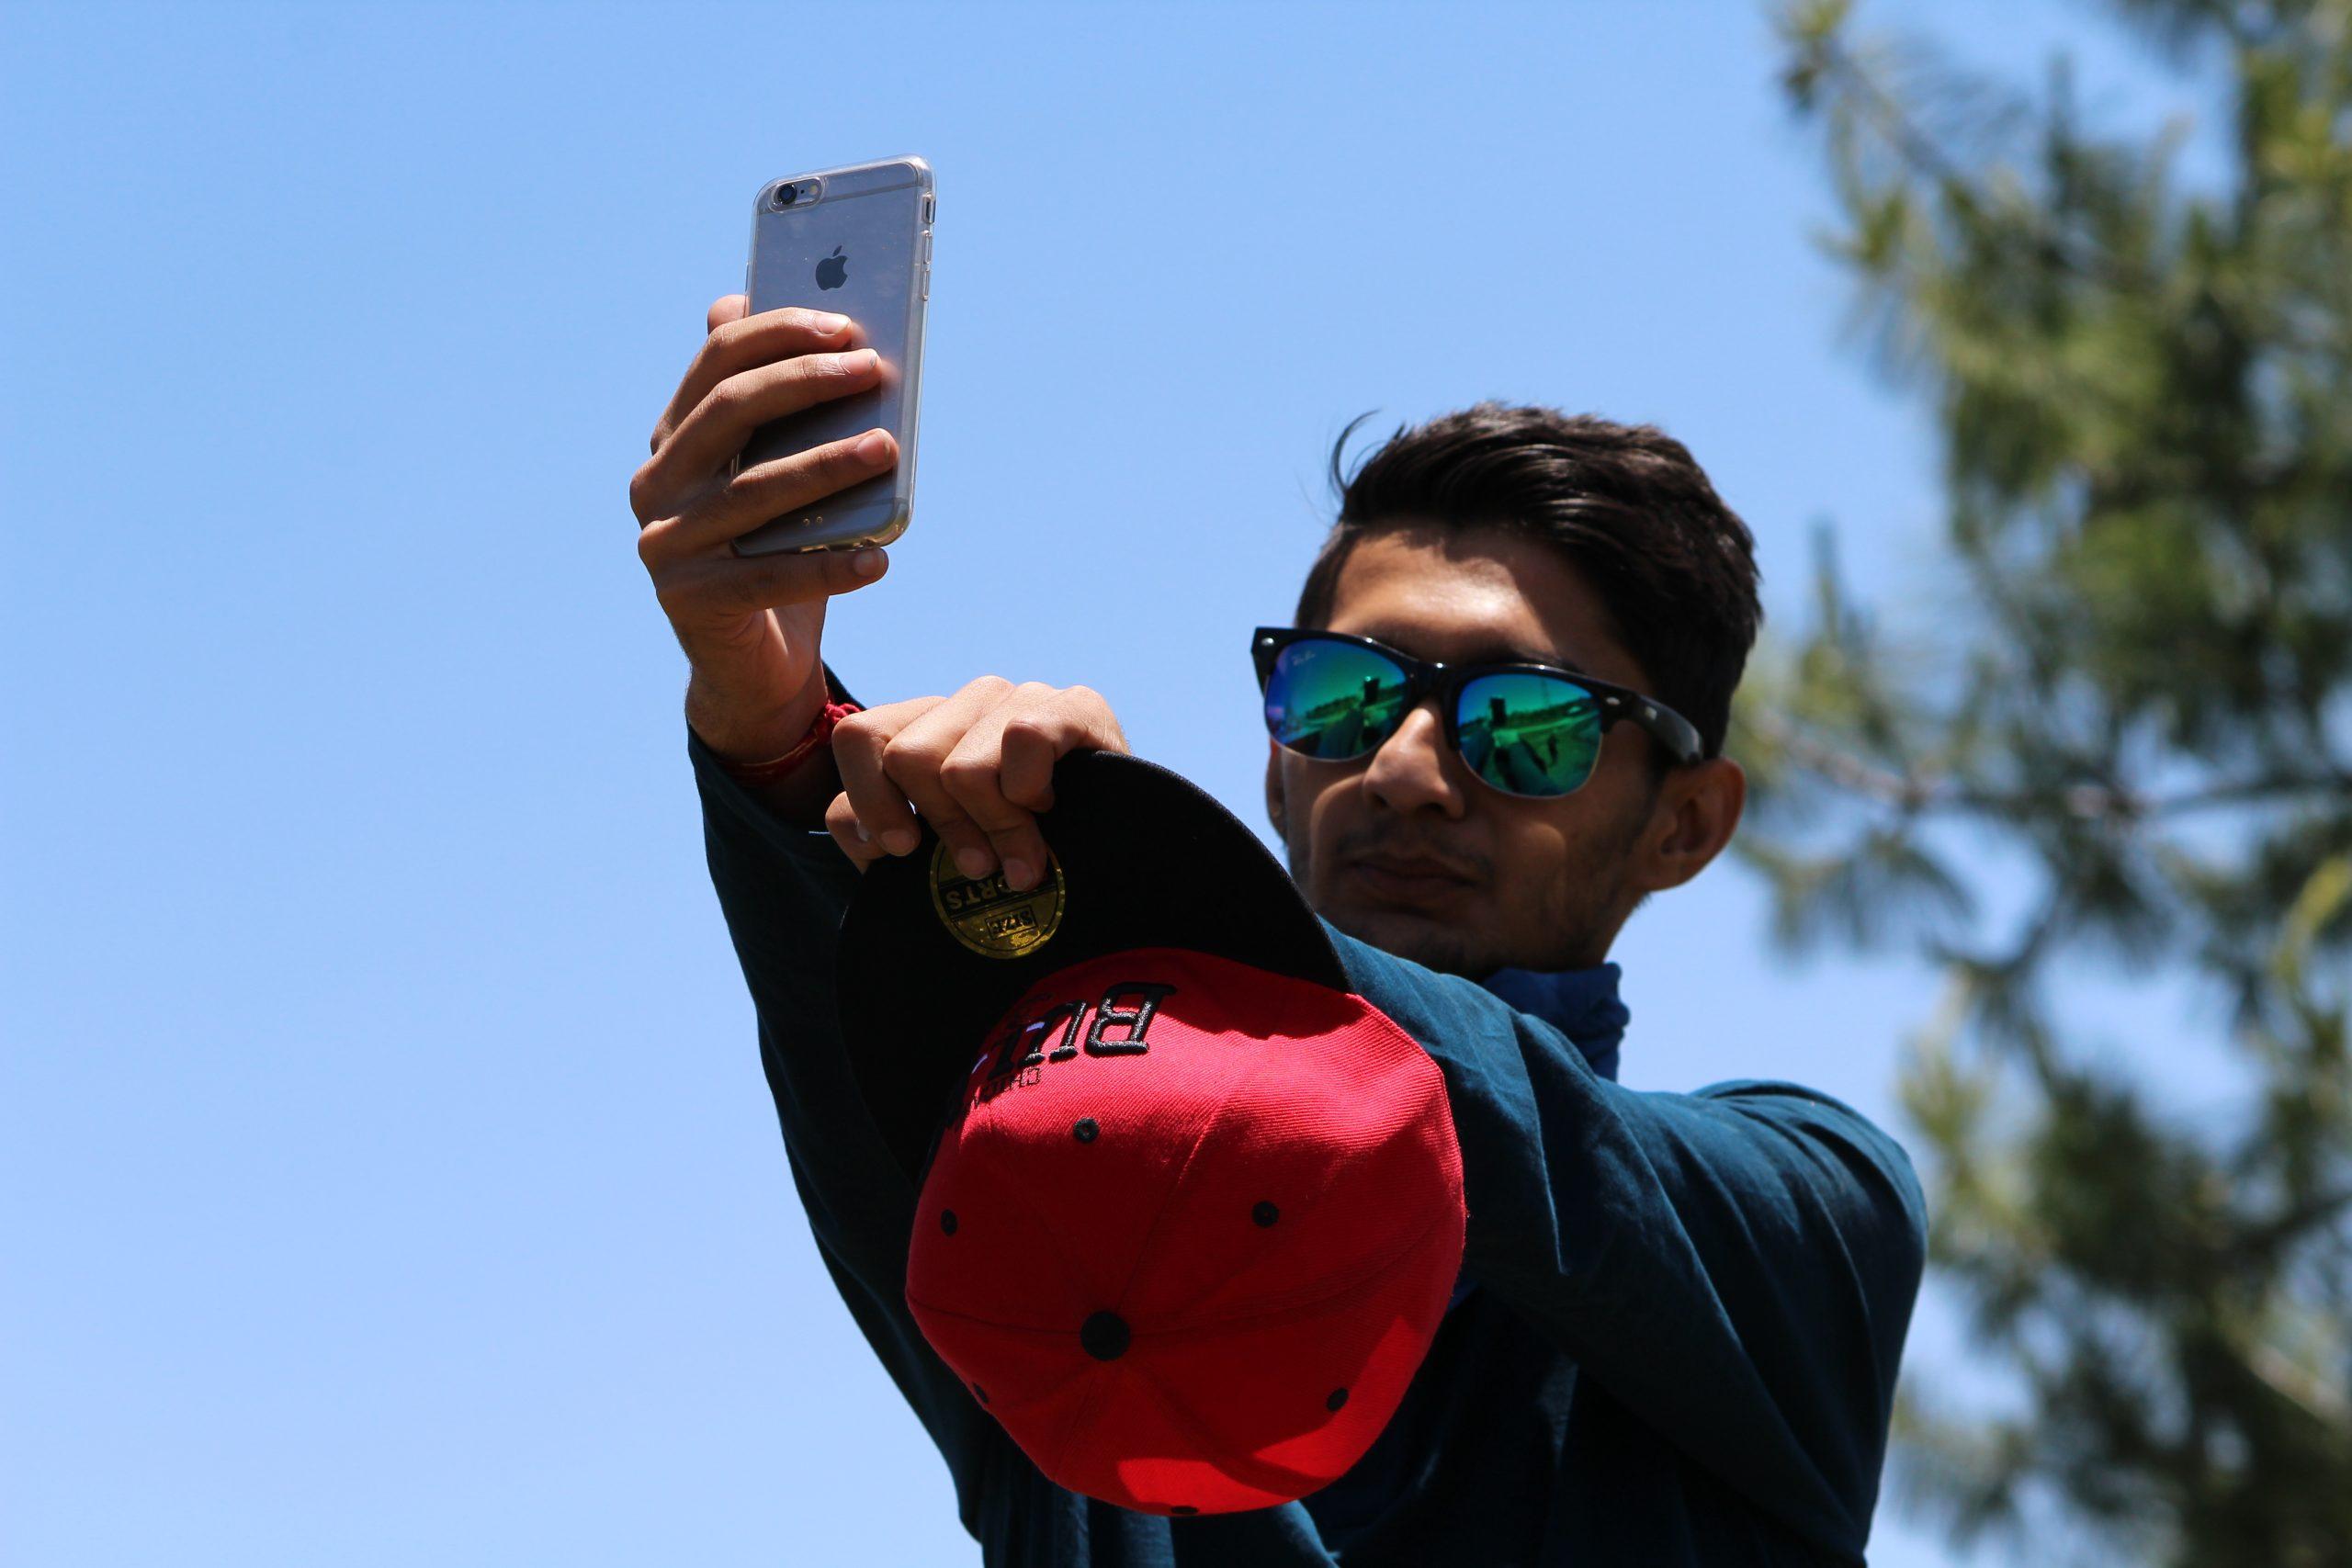 A boy taking selfie